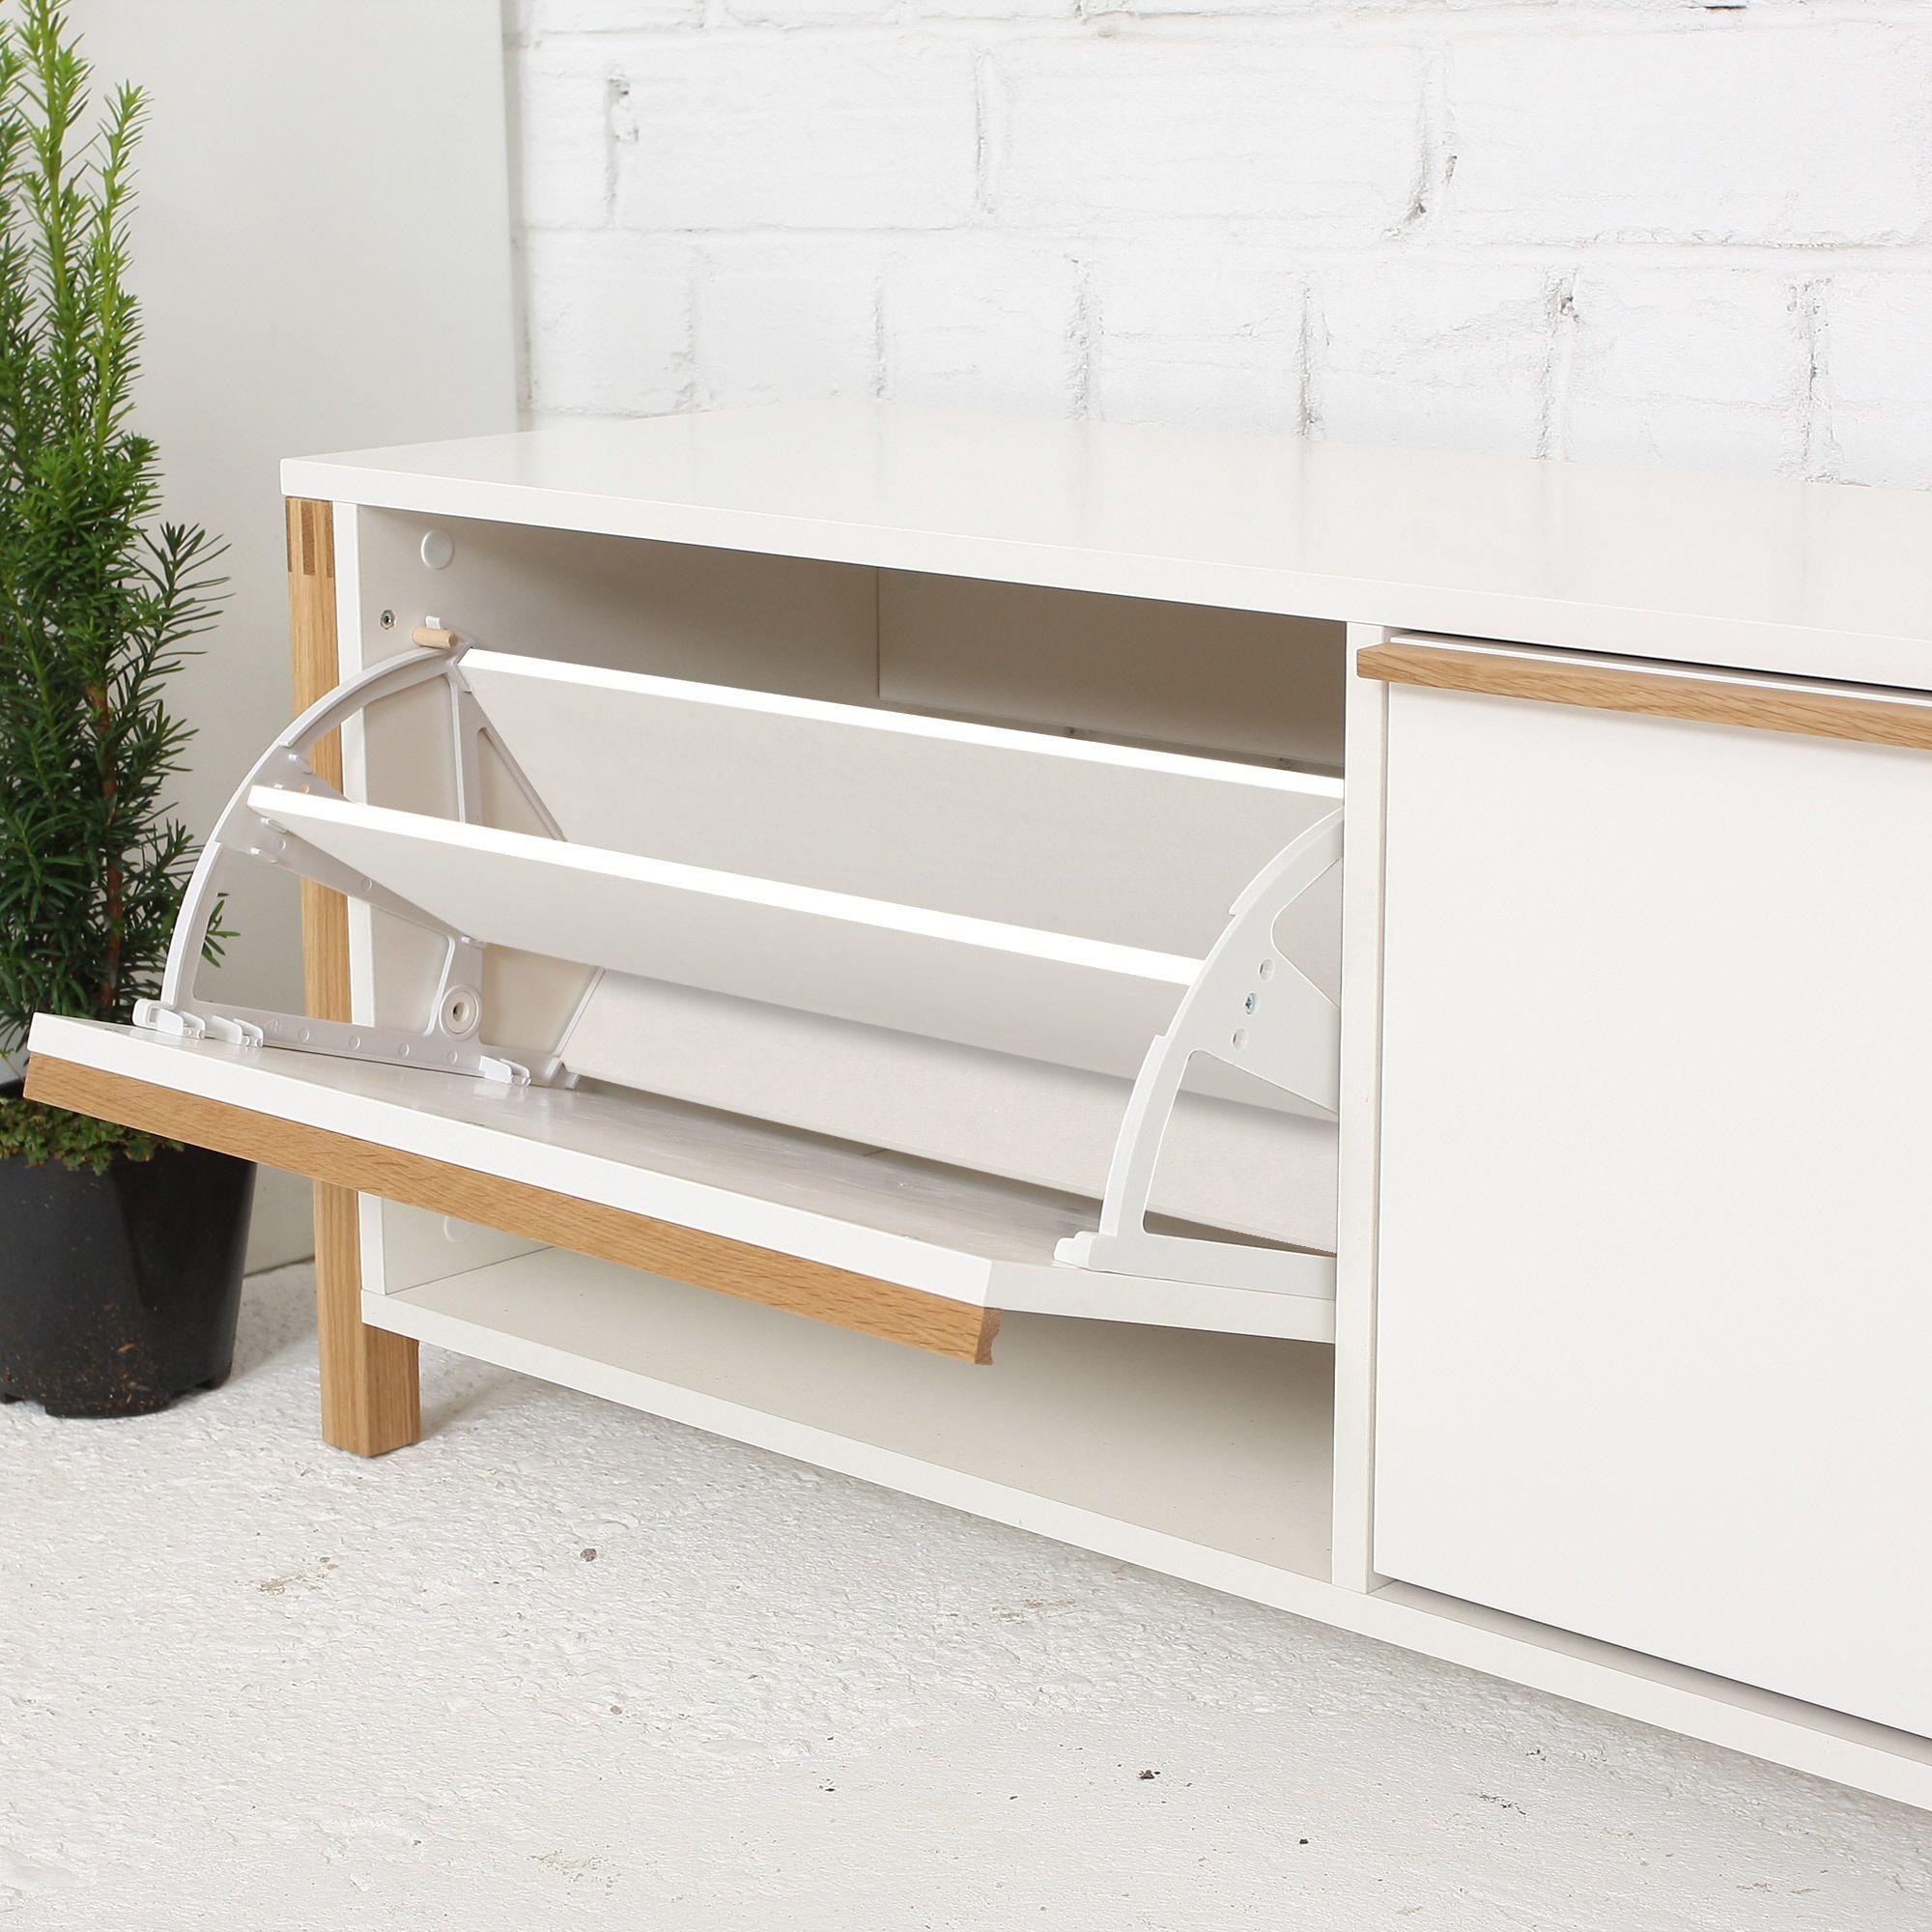 Meuble Banc Chaussures Ikea 11 Idées De Décoration